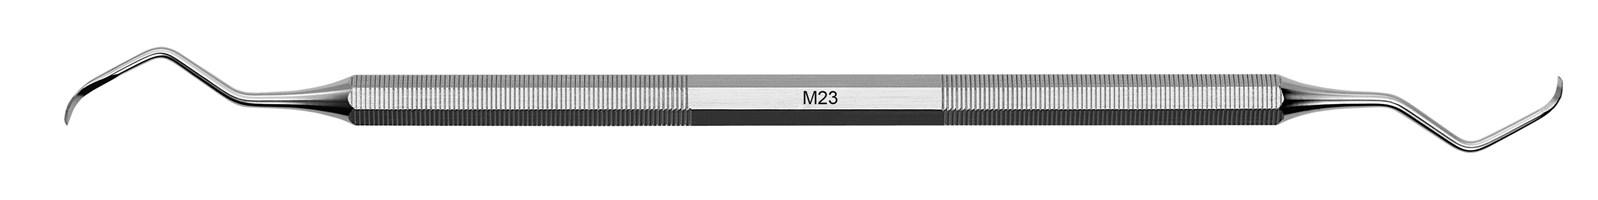 Scaler univerzální - M23, ADEP světle zelený